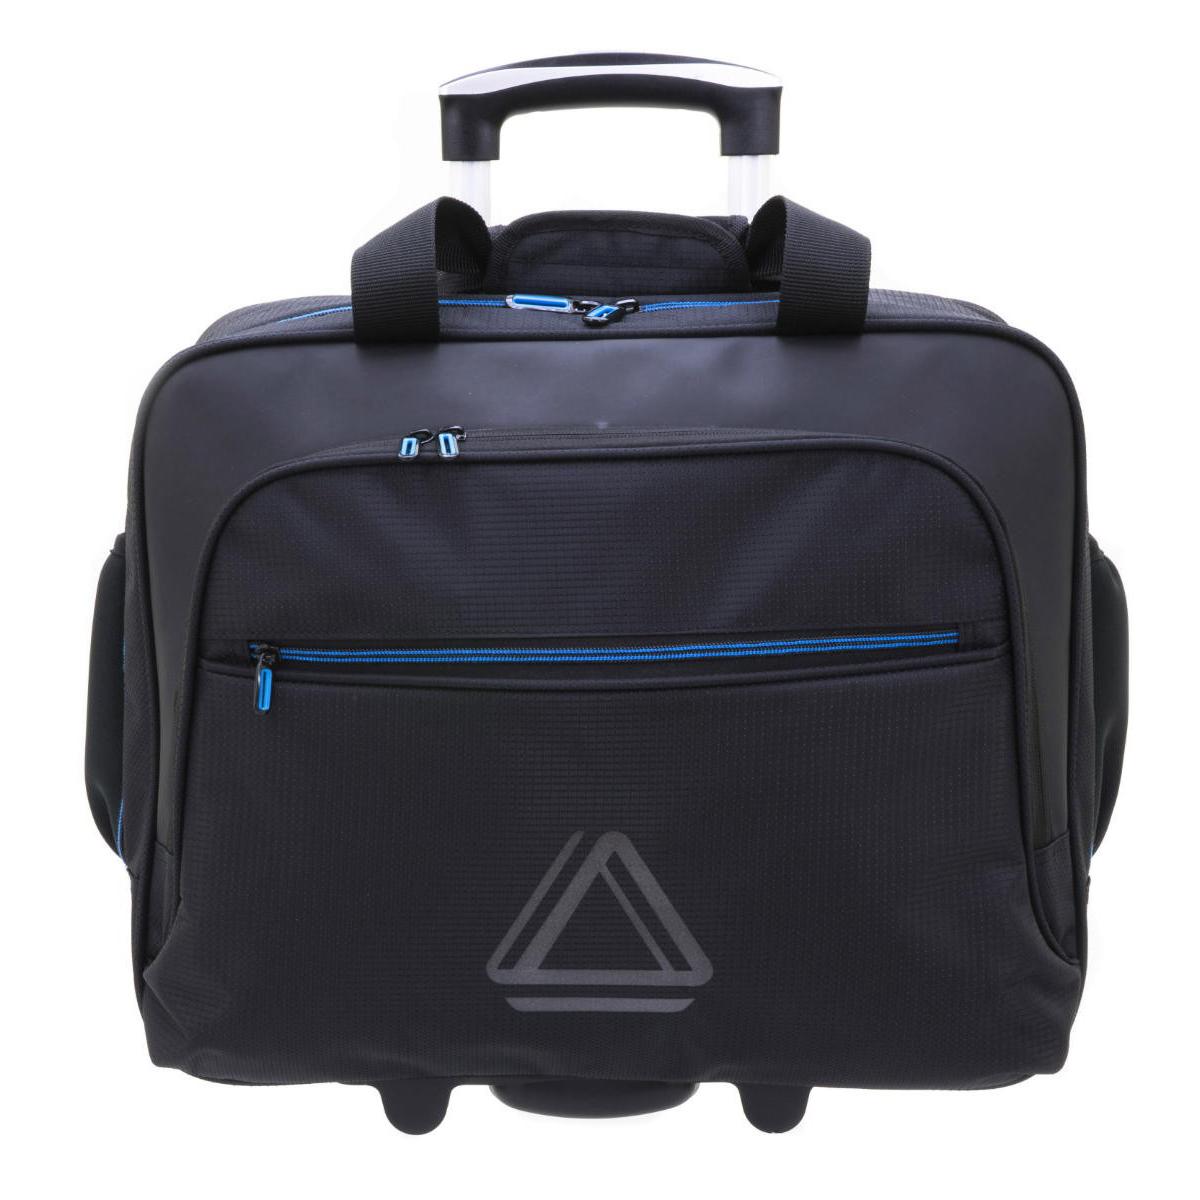 Sac business trolley \'Davidt\'s\' noir bleu (spécial ordinateur 15\') - 42x365x16 cm - [Q0641]